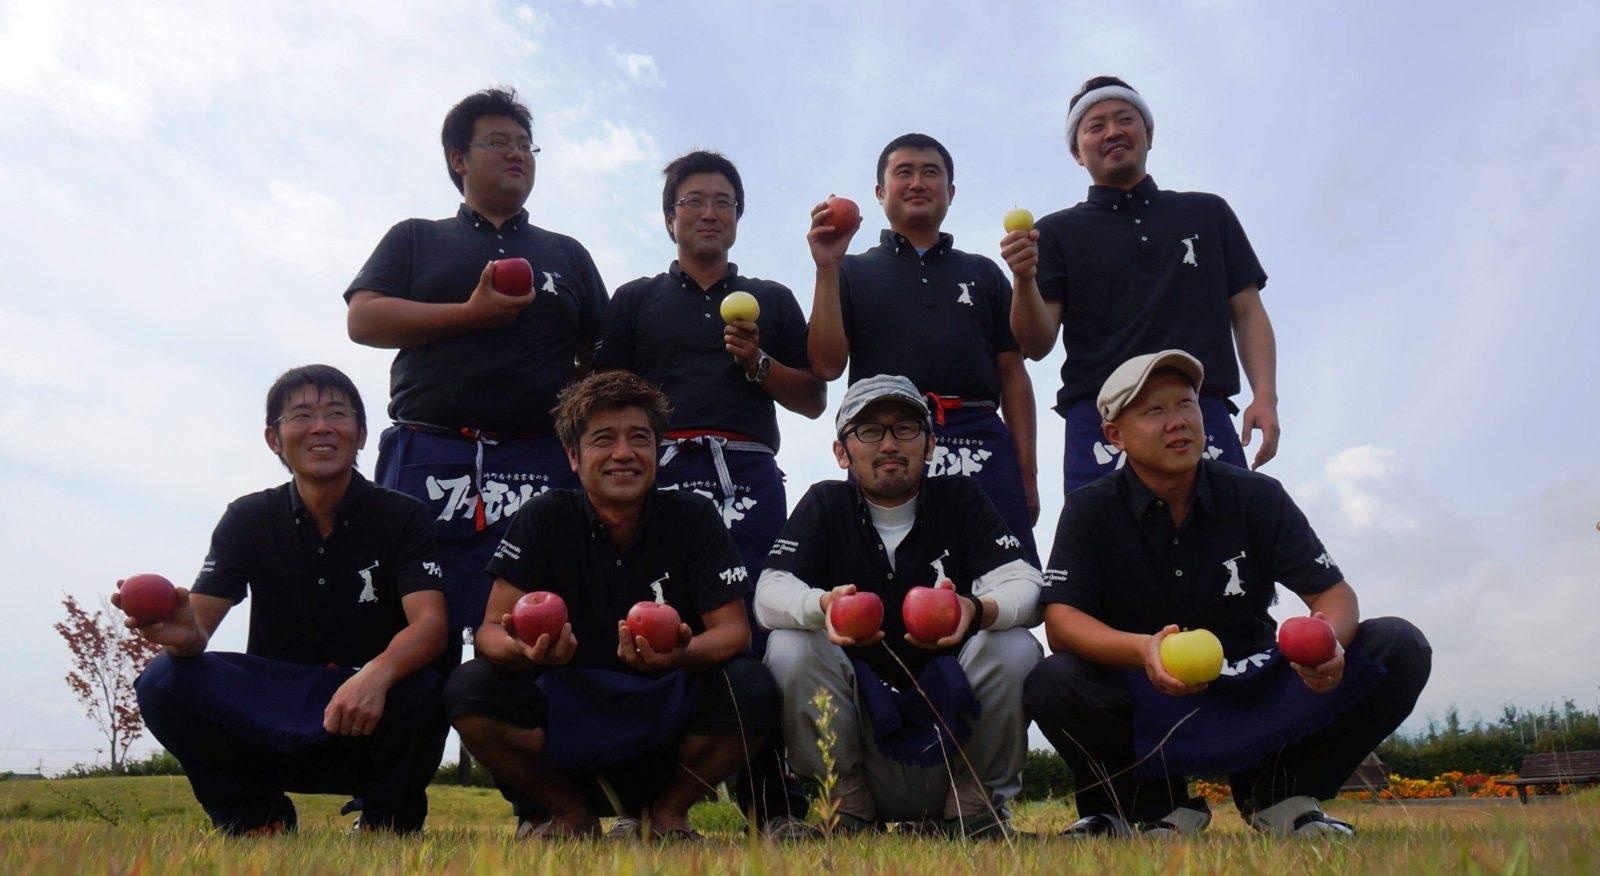 産地めぐり2018年4月号 『藤崎町若手農業者の会ワゲモンド』